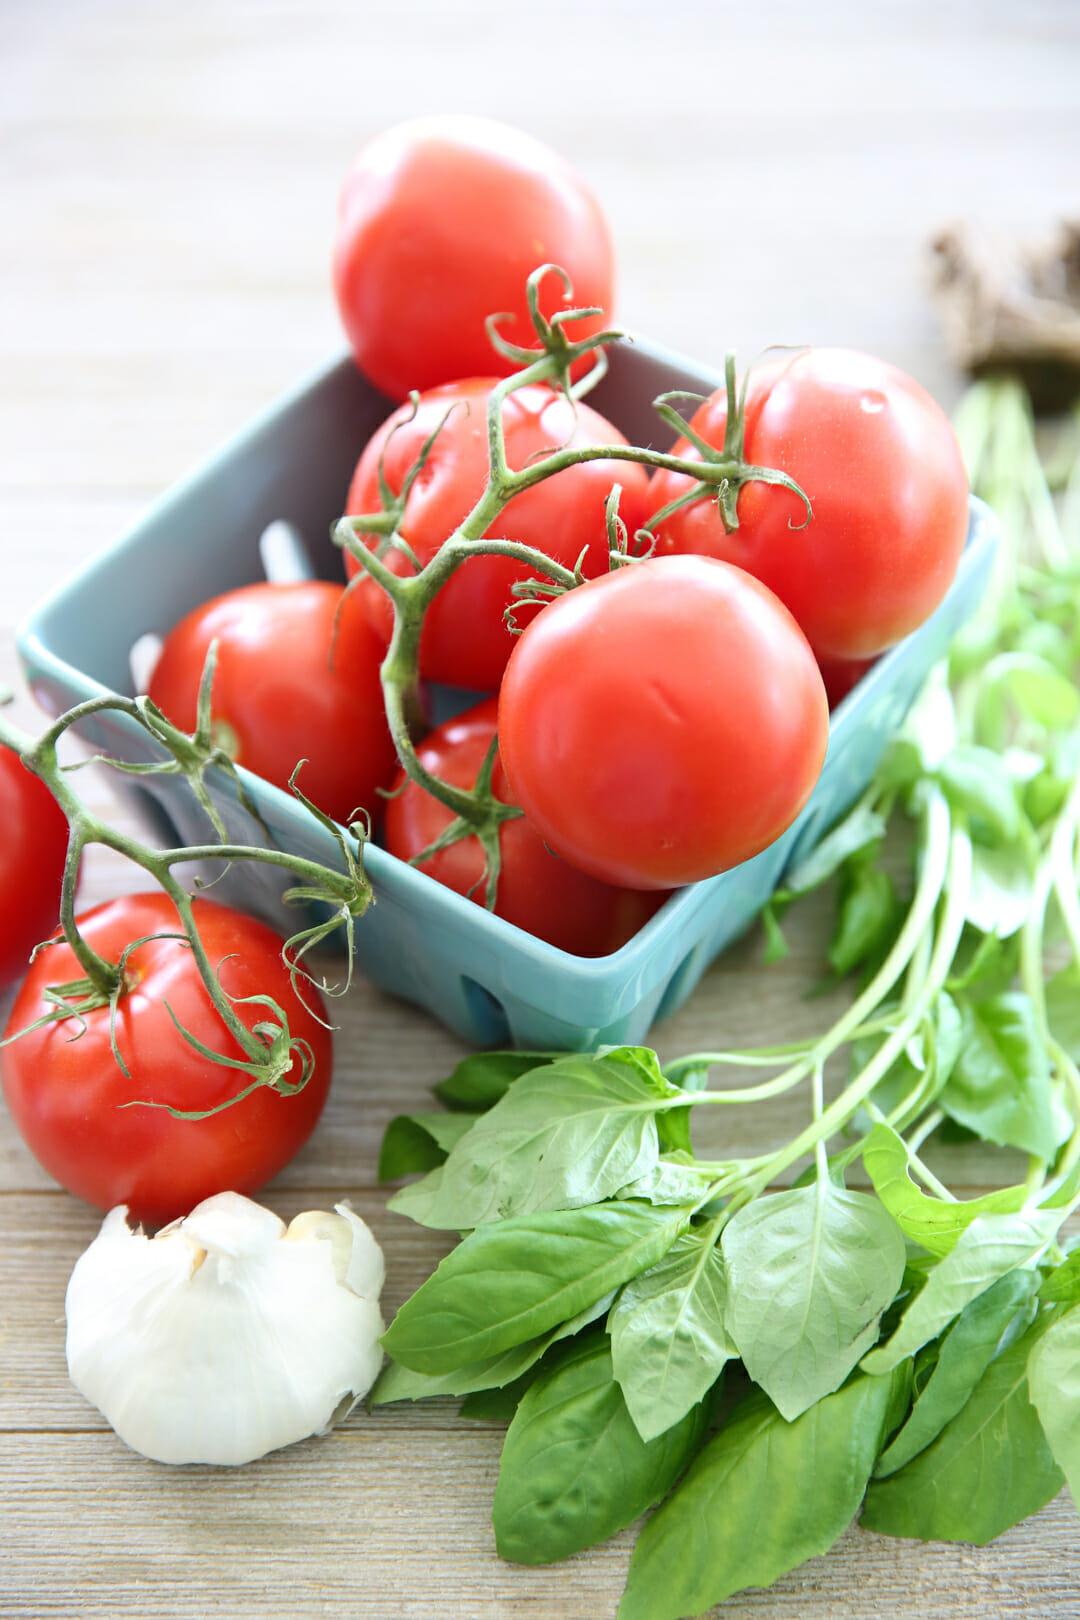 Tomato Basil and garlic